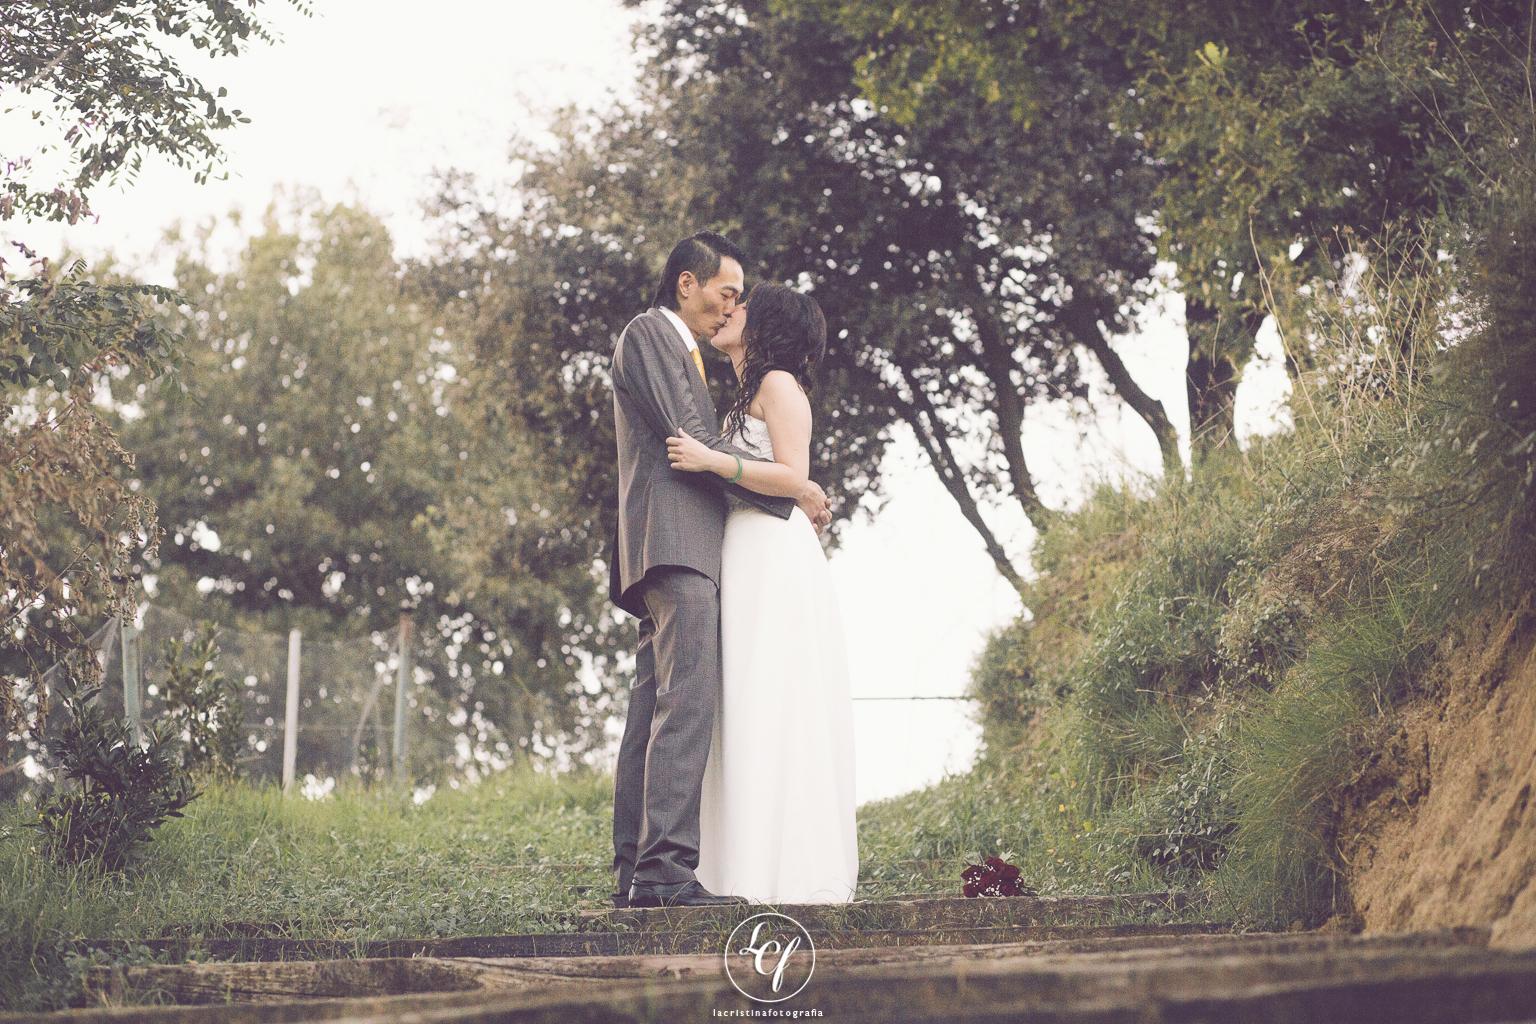 fotógrafo de boda :: fotografía de boda :: mas caputxa :: bodas con encanto :: bodas en el campo :: bodas en una masia :: destination wedding :: bodas internacionales